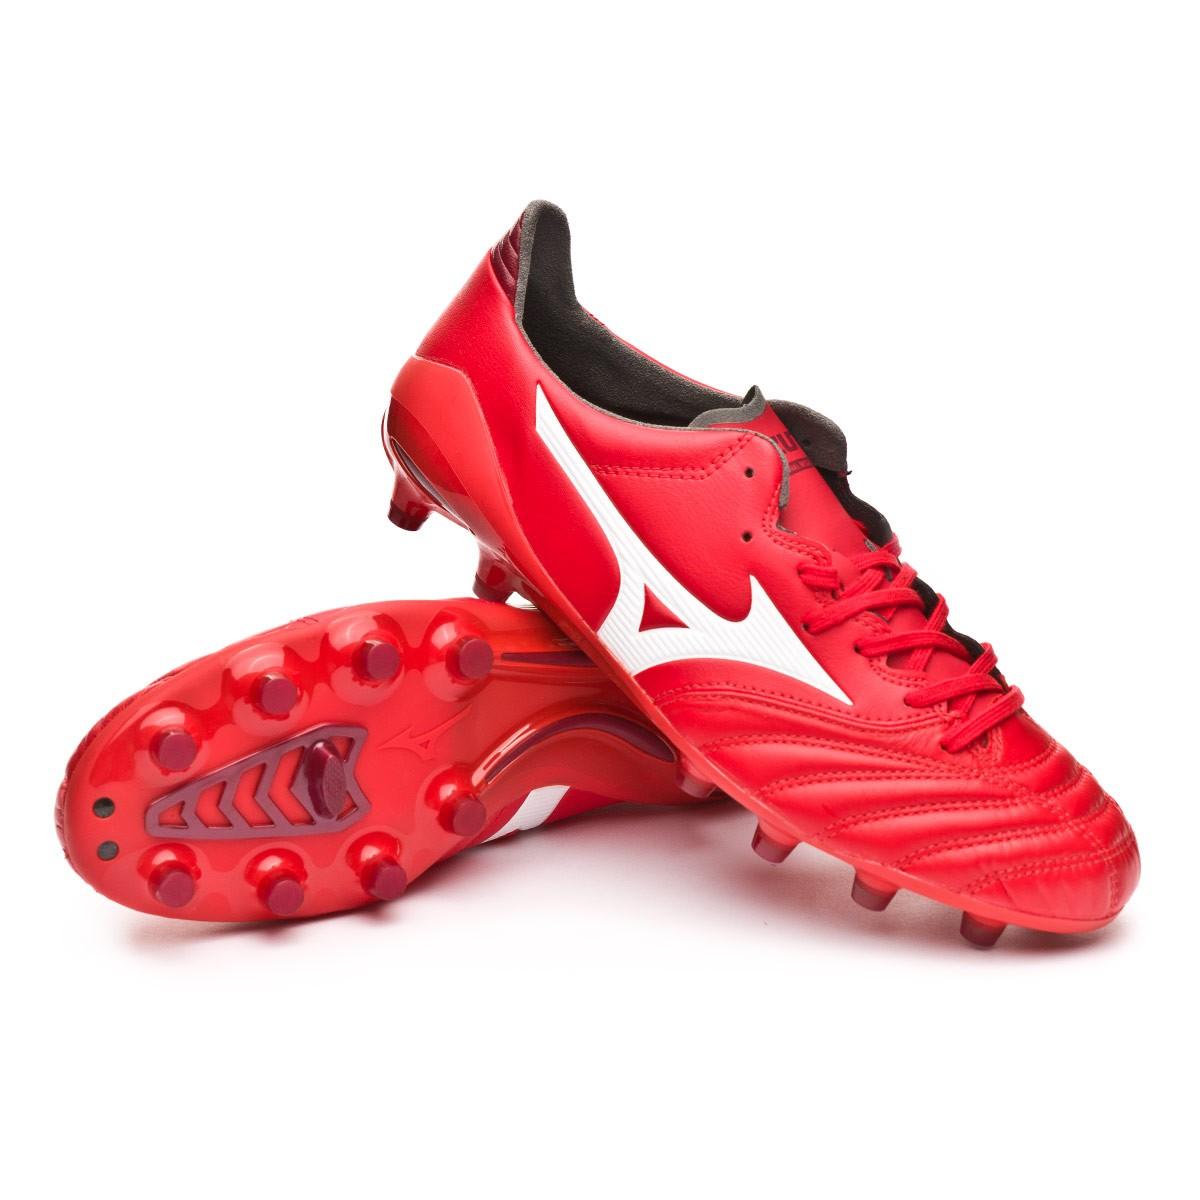 a21e570344d5 Football Boots Mizuno Morelia NEO II MD High risk red-White - Tienda ...